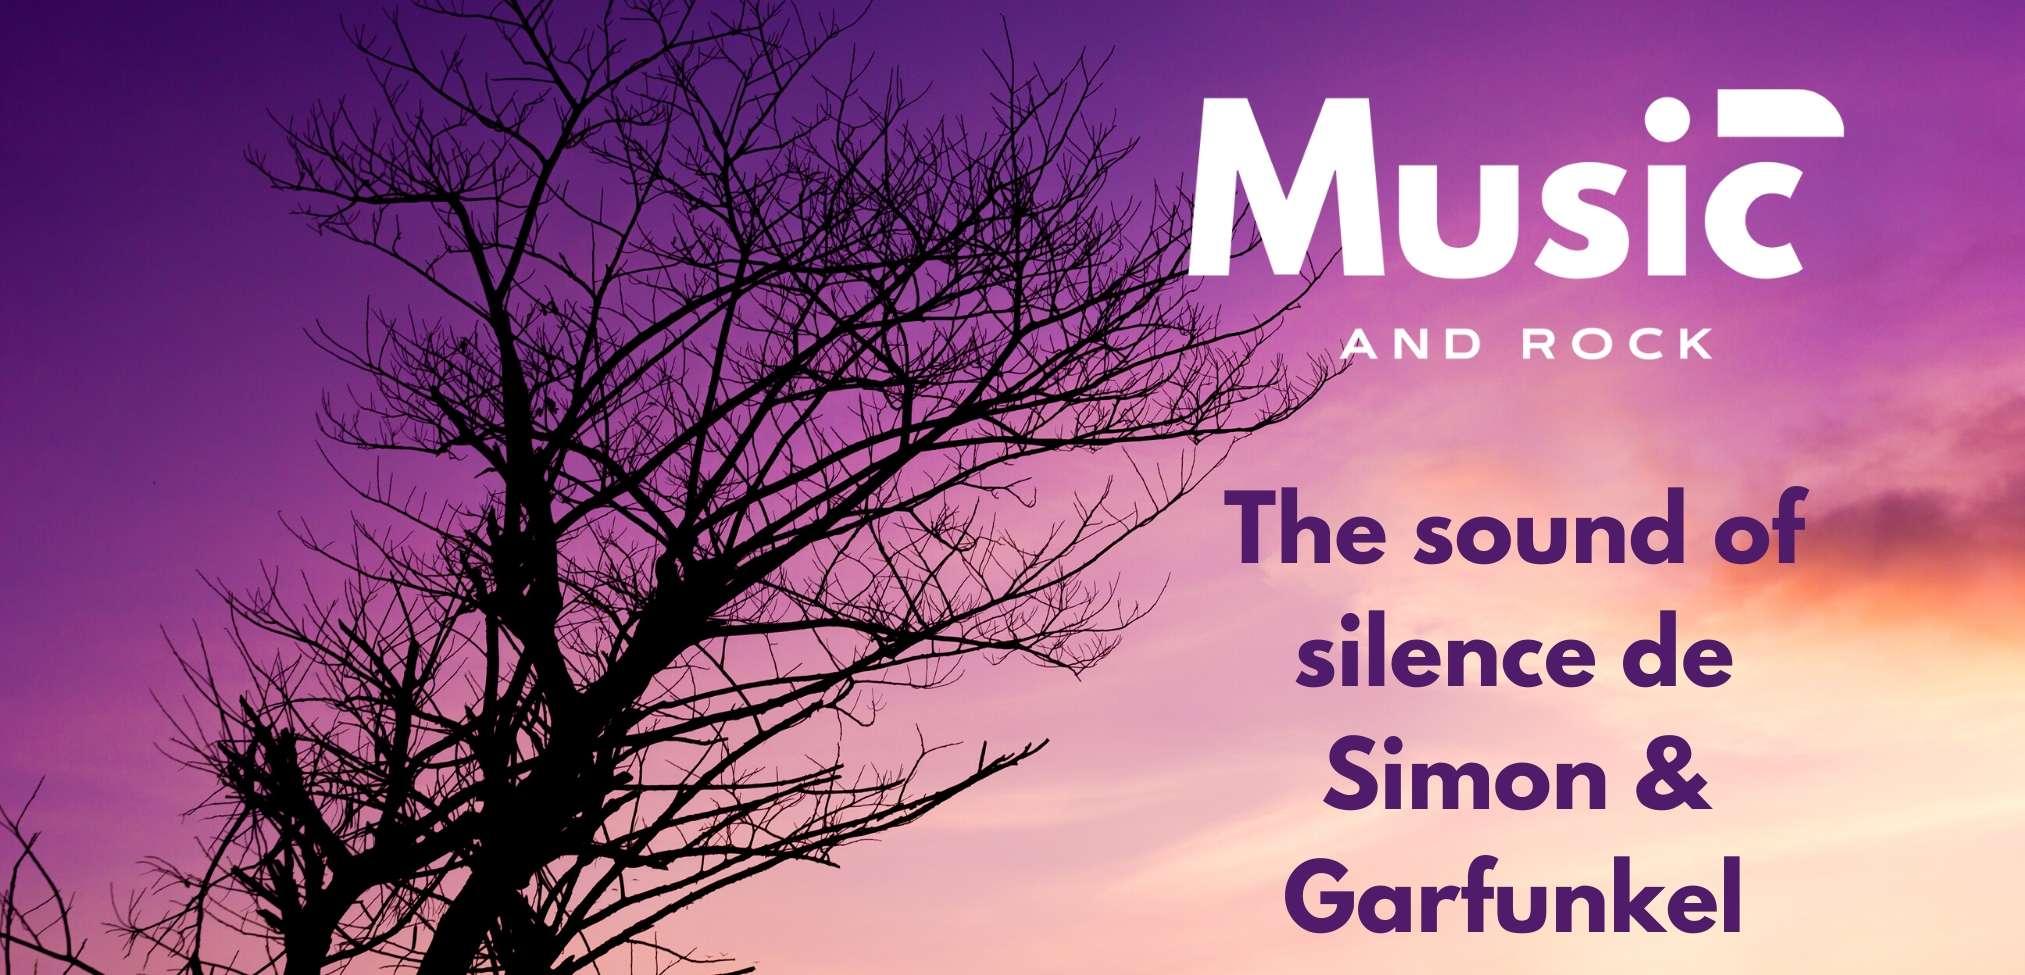 """The sound of silence de Simon & Garfunkel, el trampolín del folk rock por excelencia<span class=""""wtr-time-wrap after-title""""><span class=""""wtr-time-number"""">11</span> minutos de lectura</span>"""